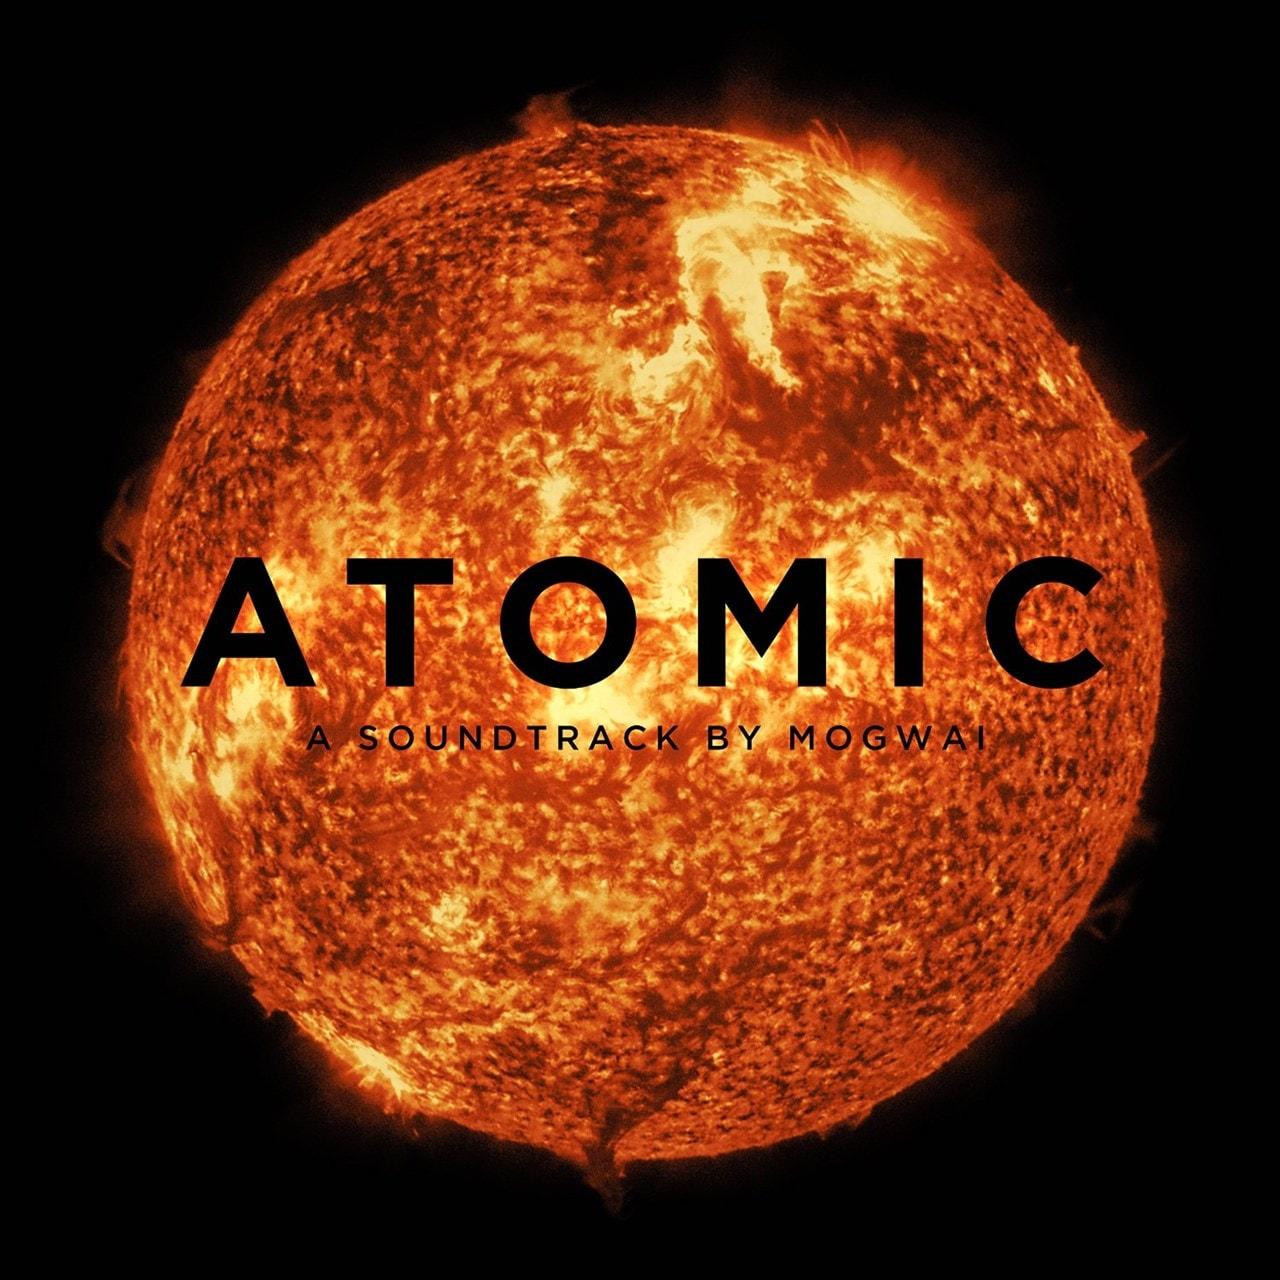 Atomic - 1